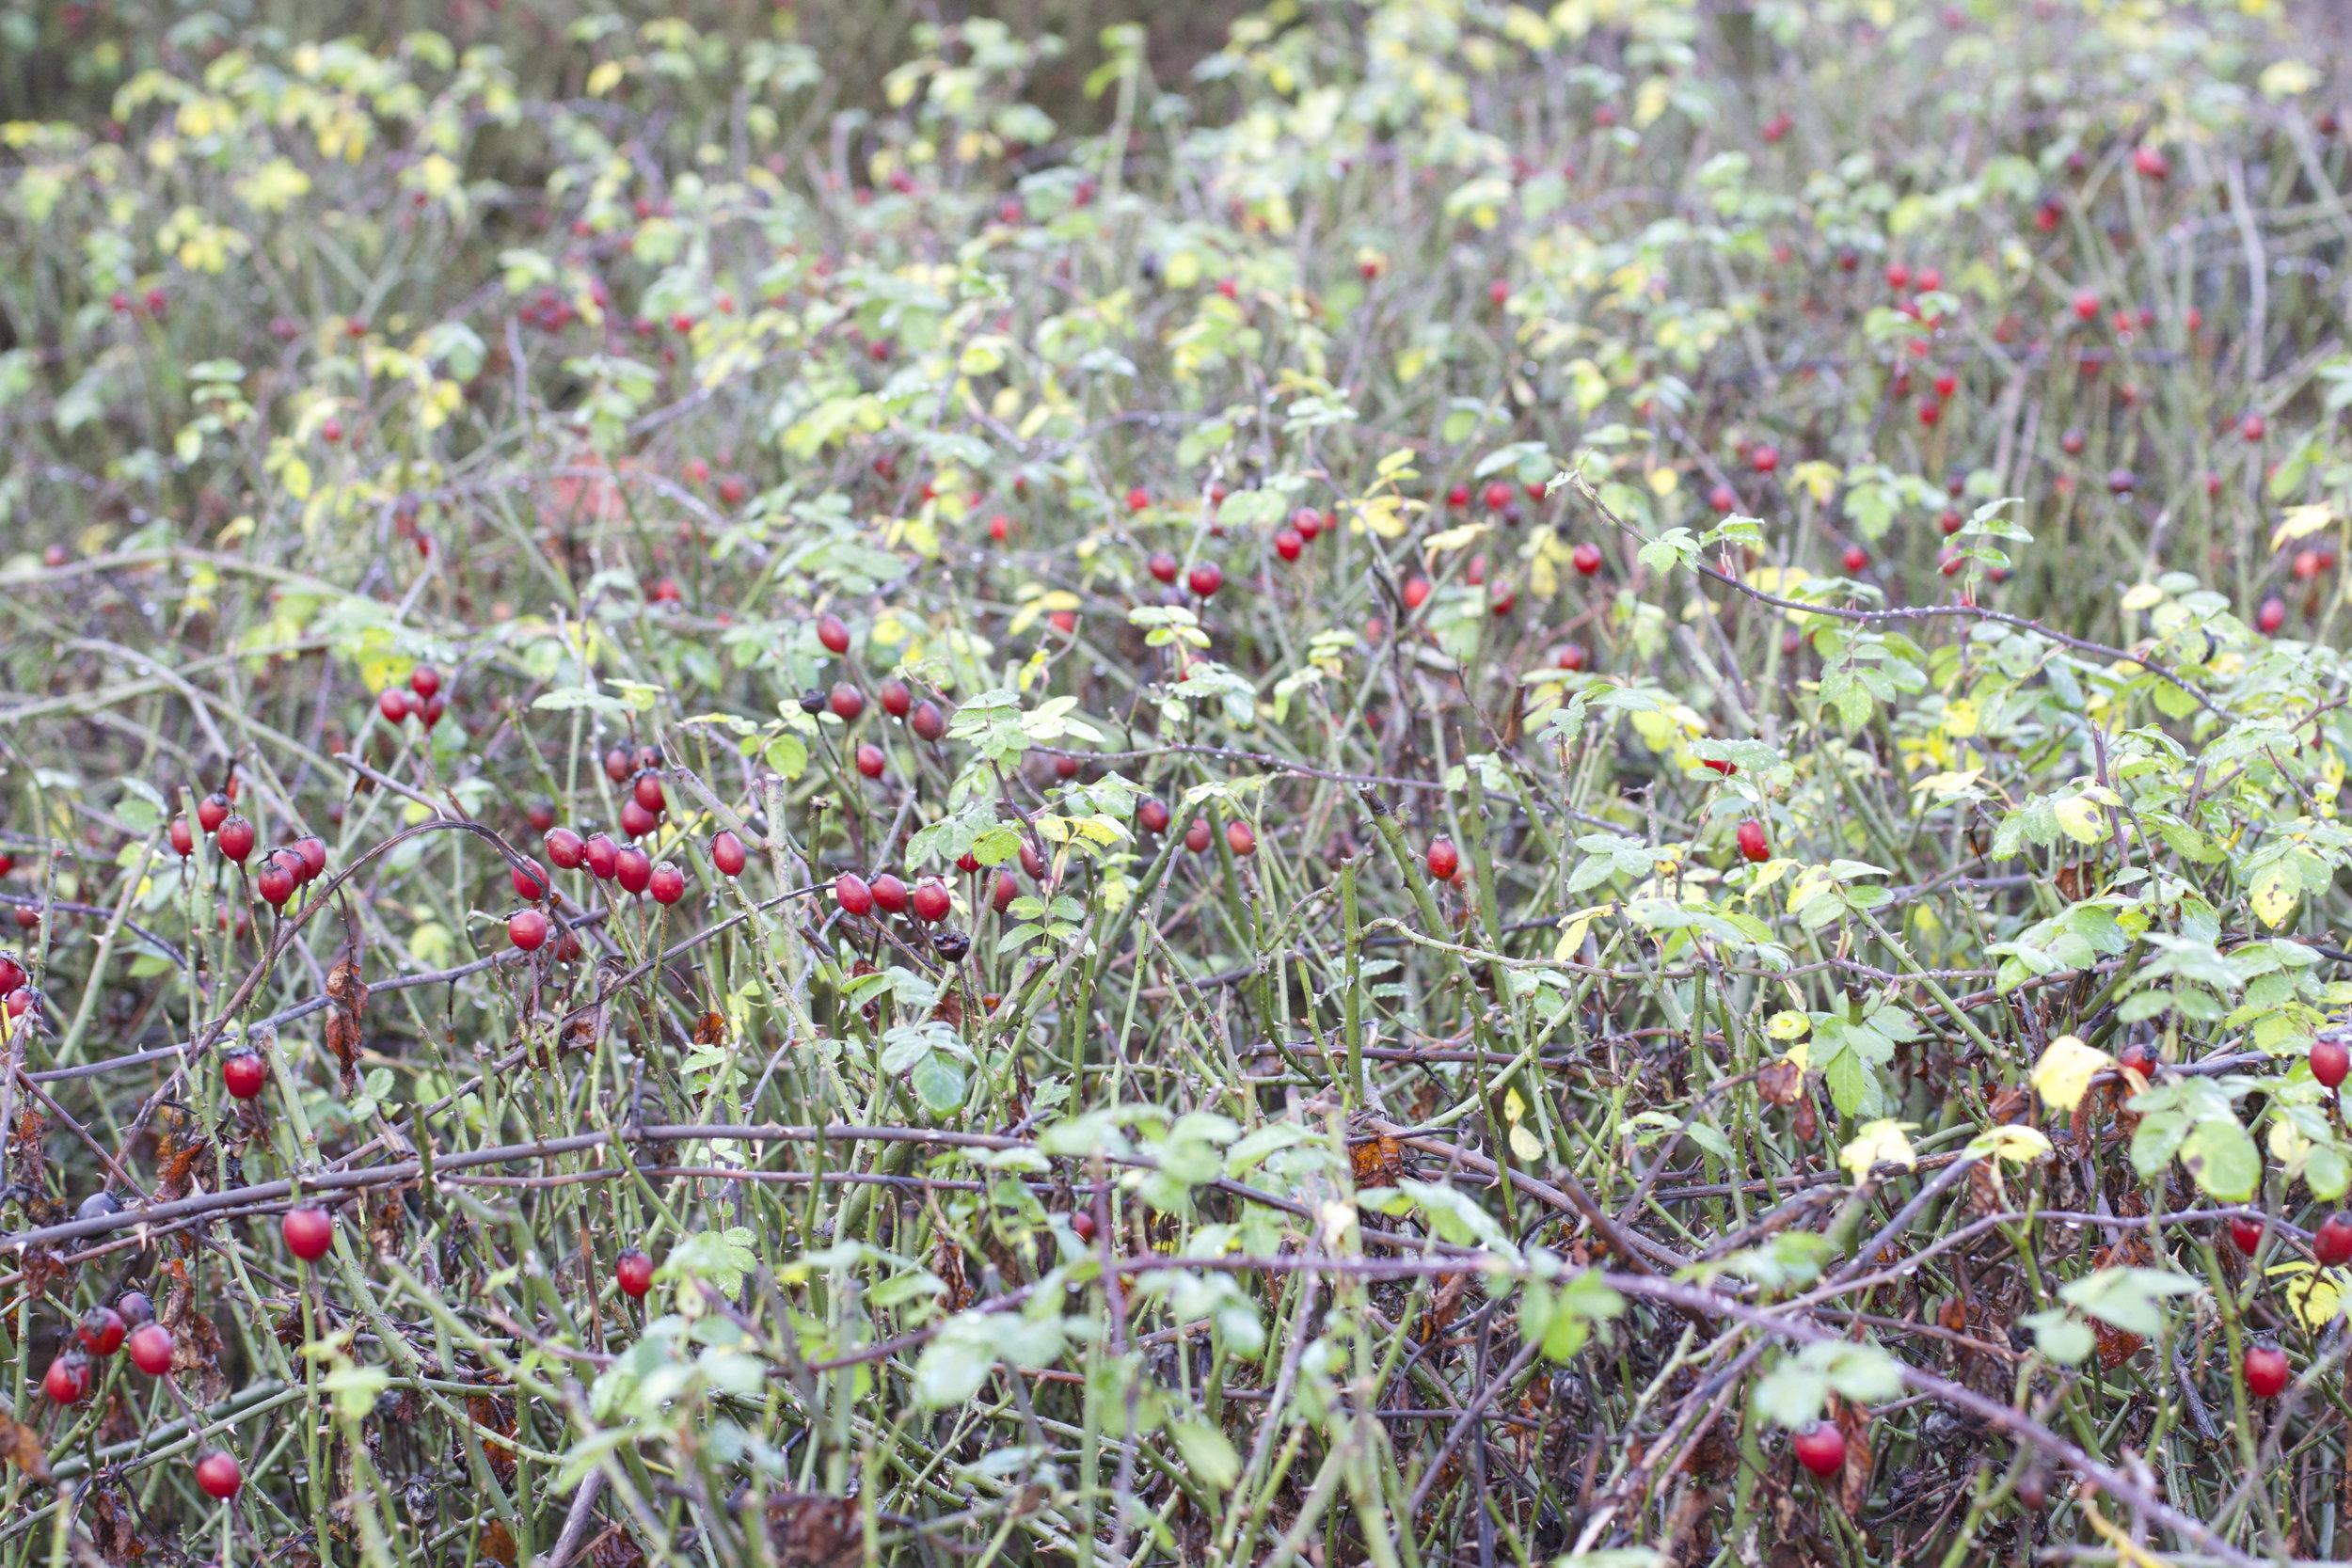 harvest & dry rose hips